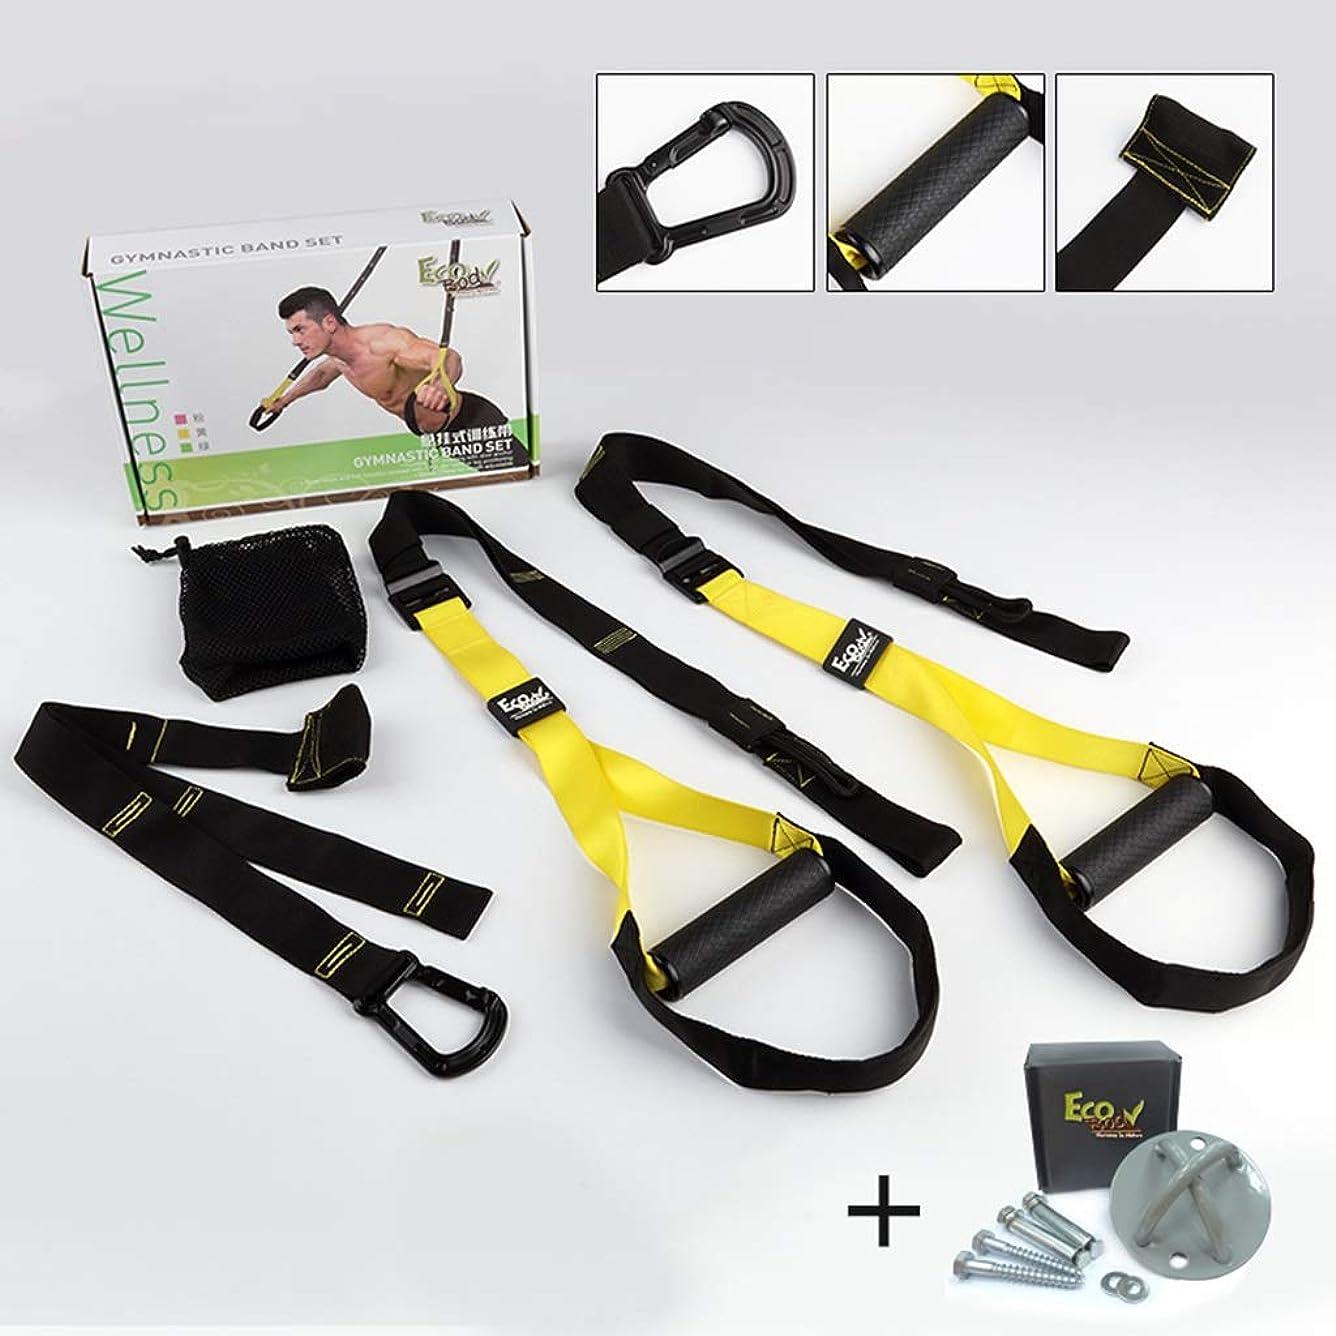 クライアント洋服キャプチャープルロープ男性の胸の抵抗運動家スクワットフィットネス機器と吊り訓練 (色 : Fitness package+fixed disk)